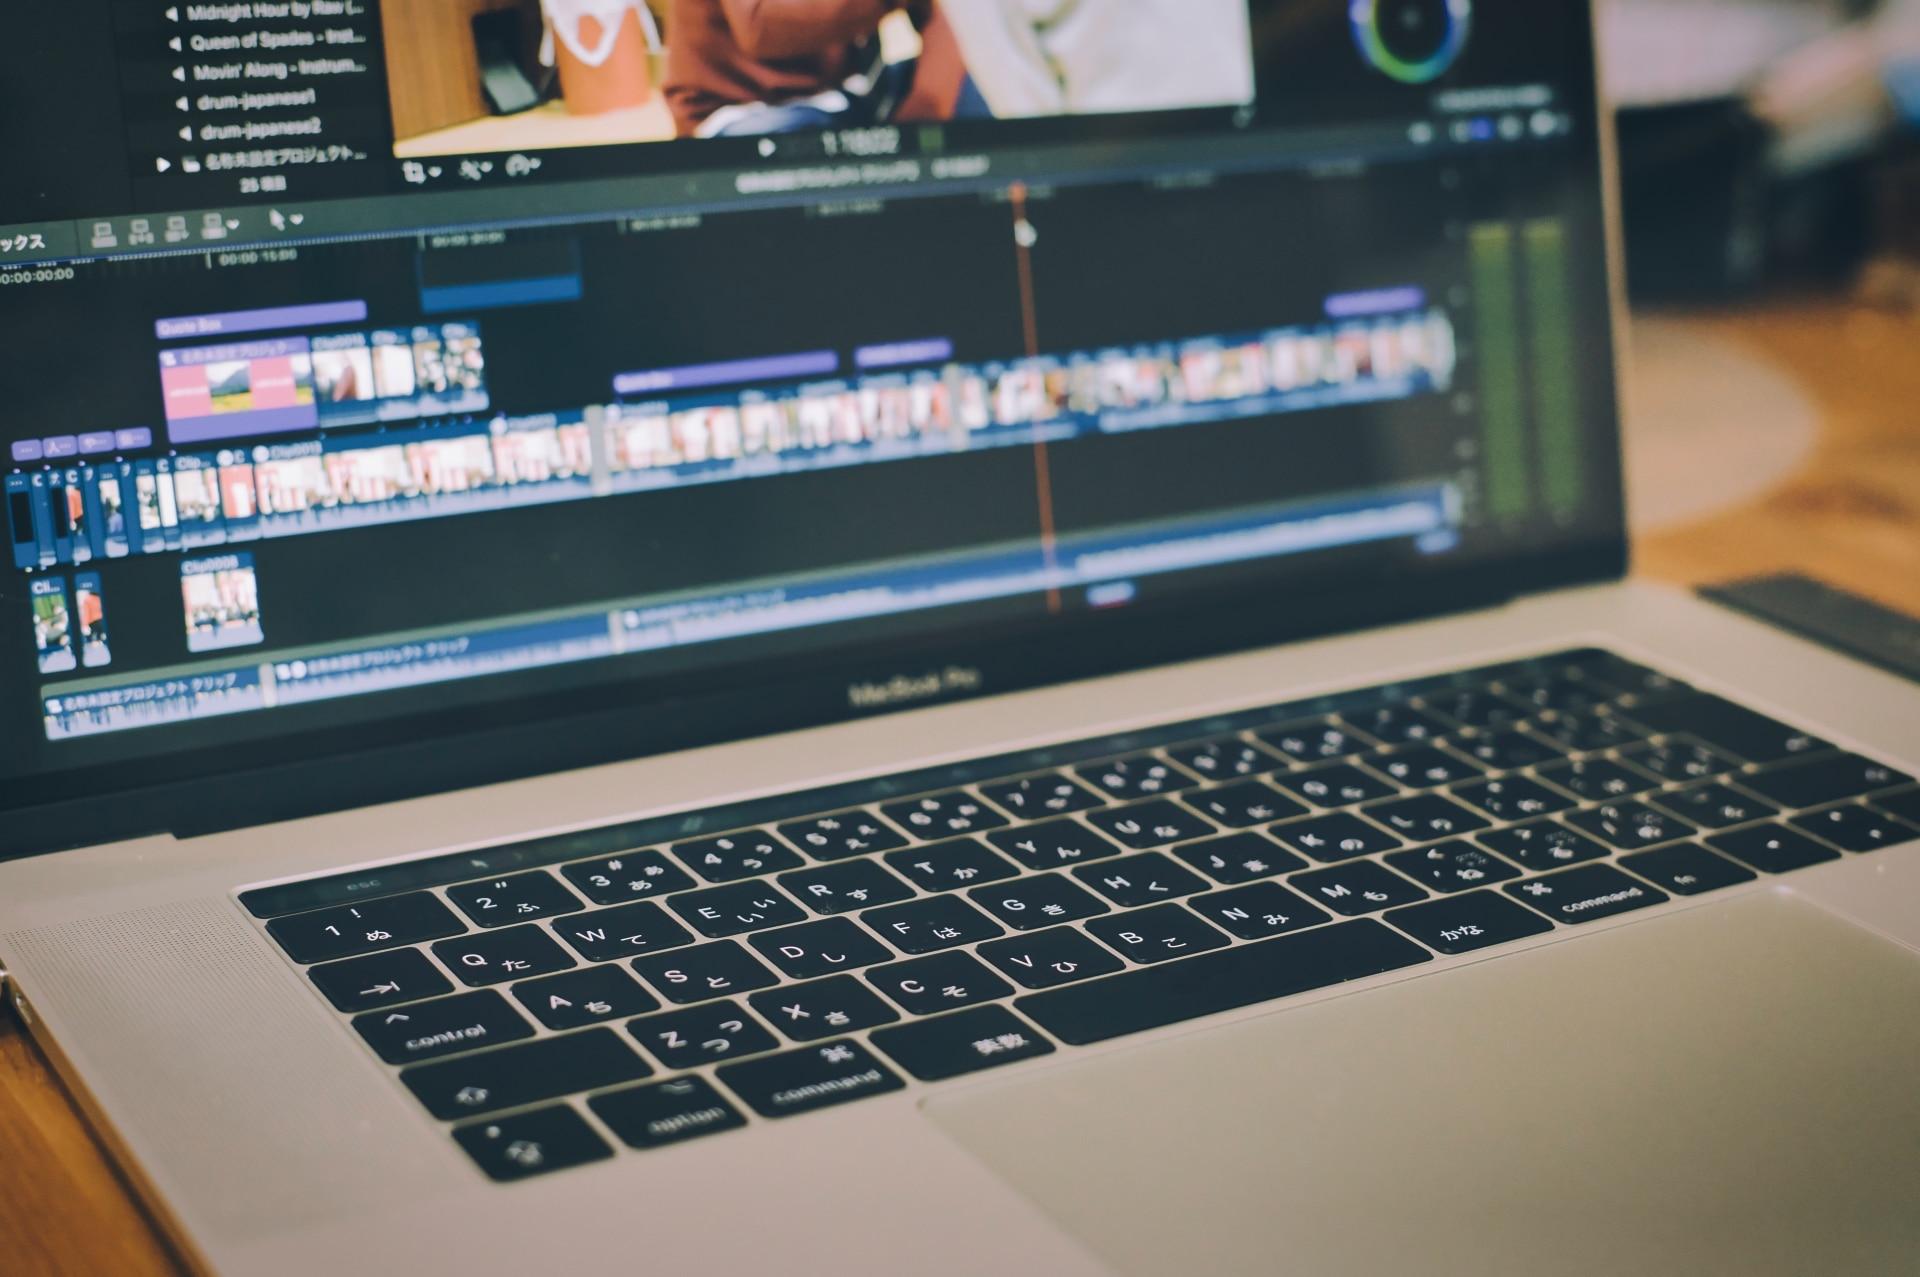 動画編集中のパソコン